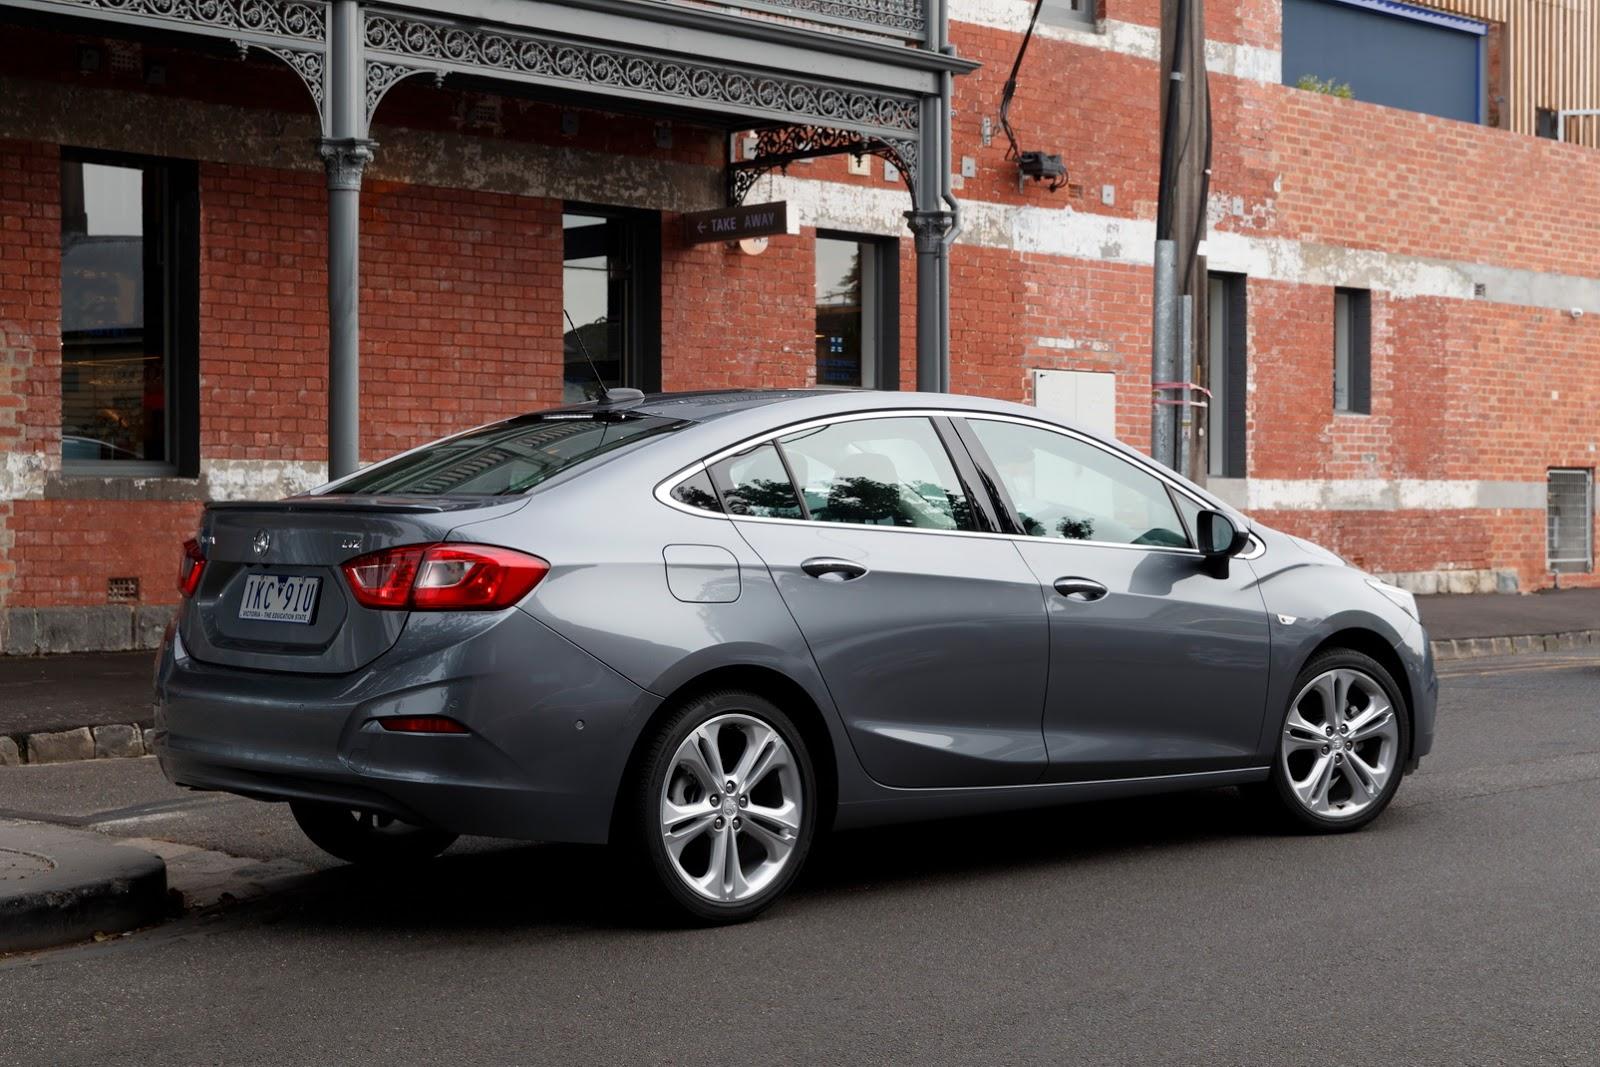 yeni opel astra sedan nasıl olabilir  sekiz silindir